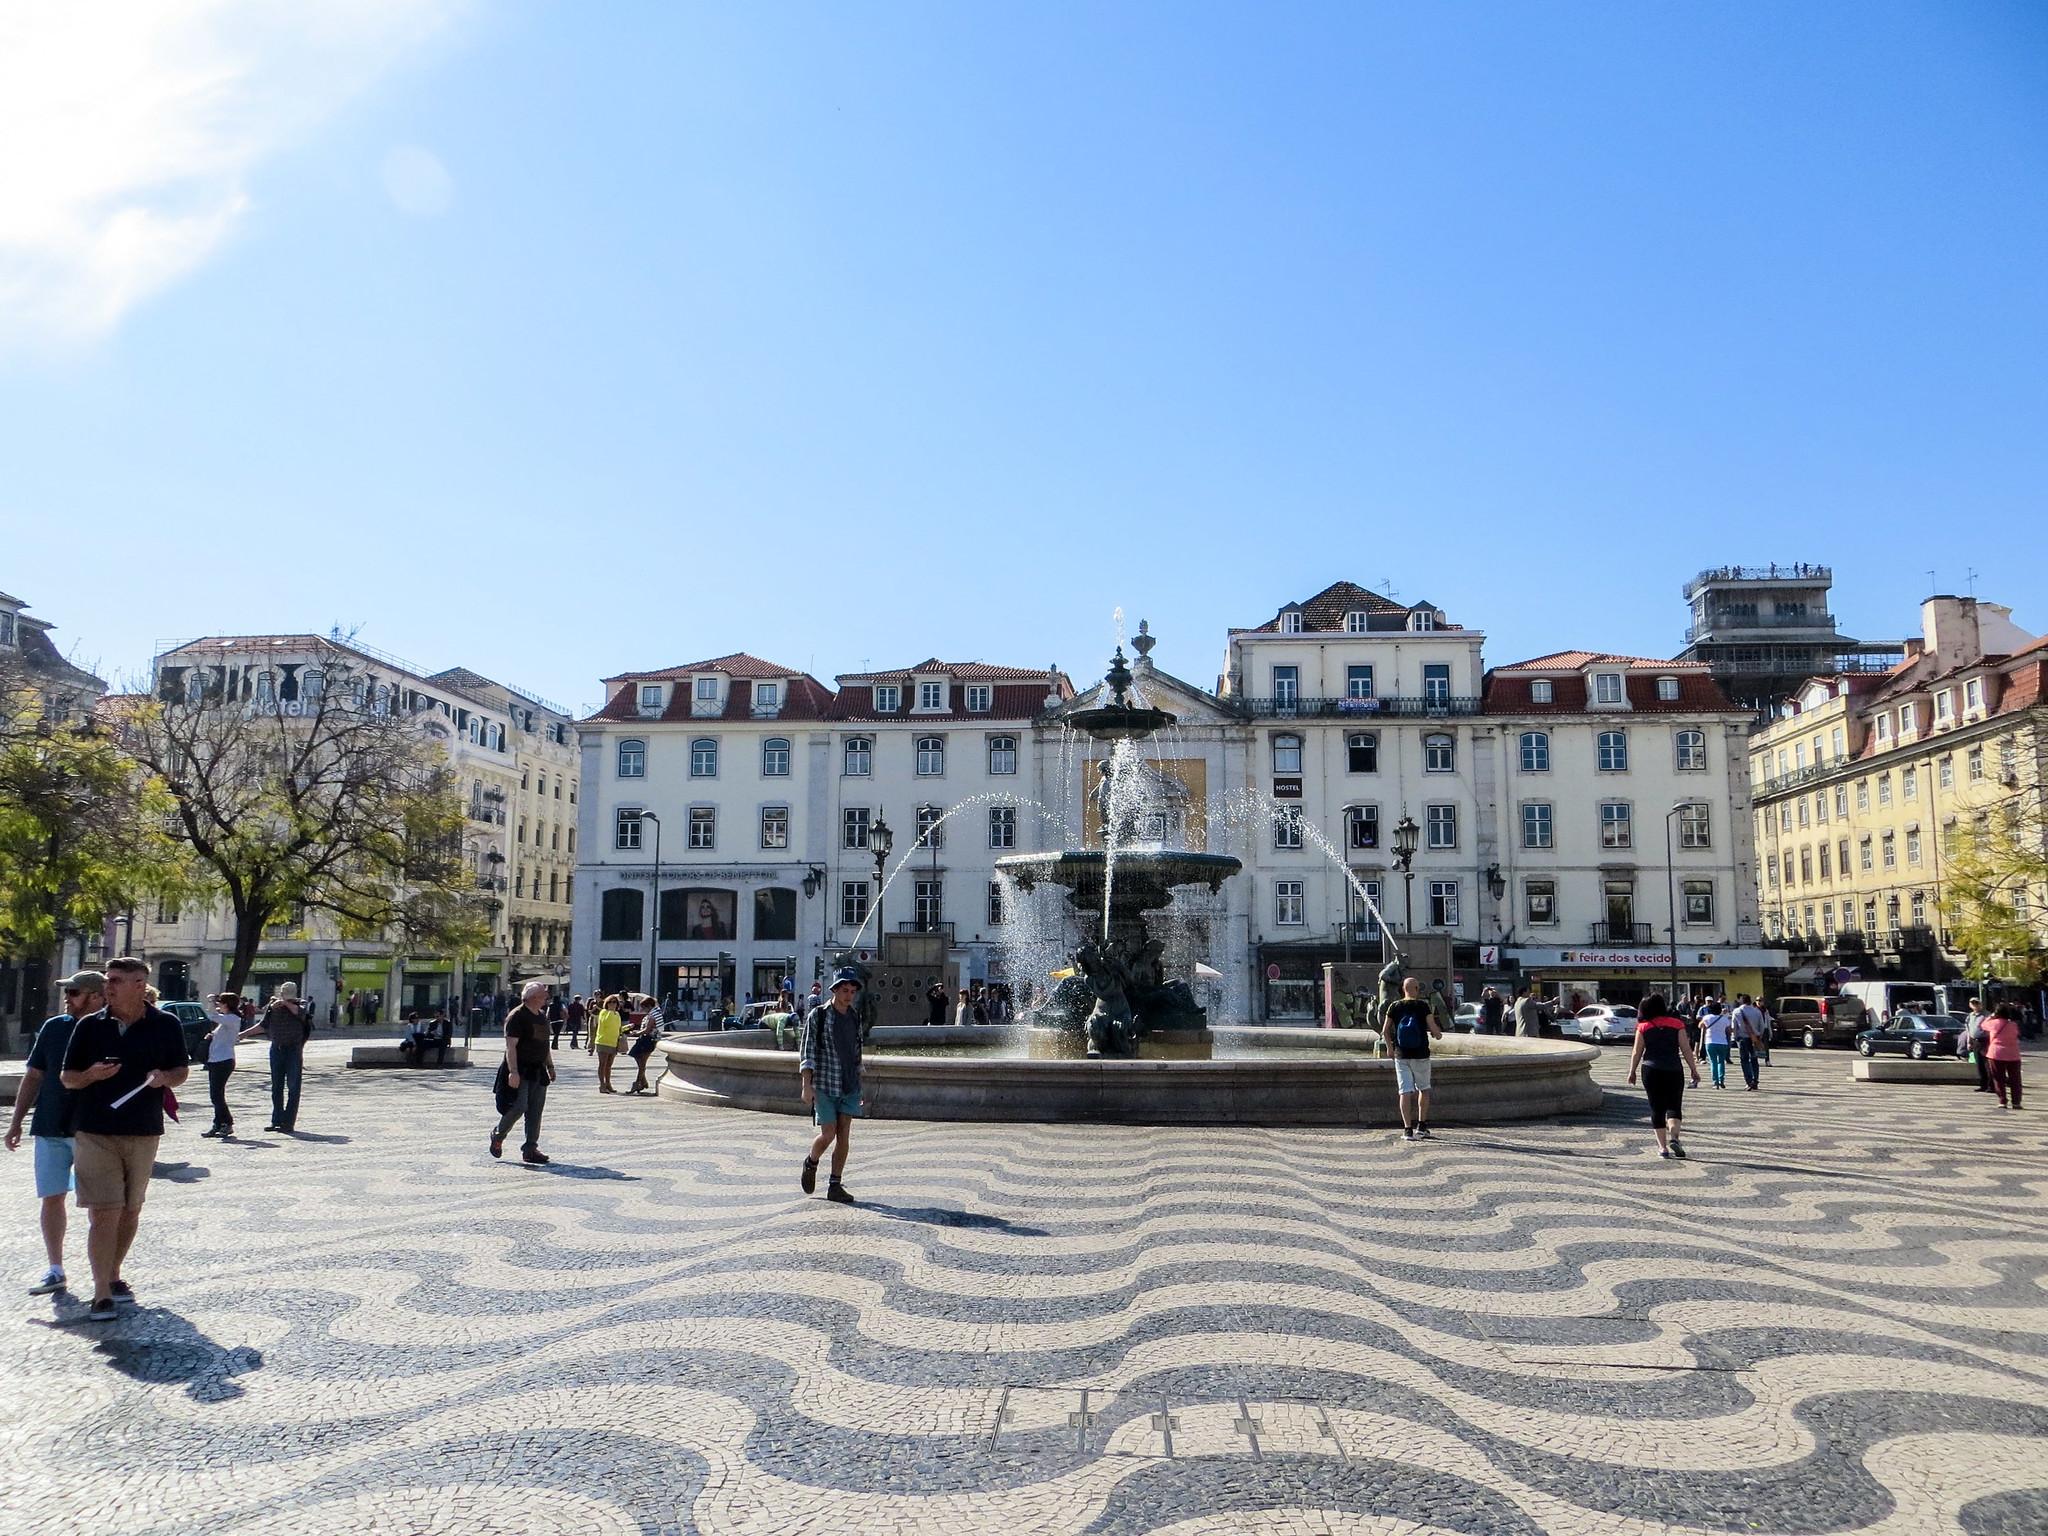 lisbon is one of the best city weekend breaks abroad